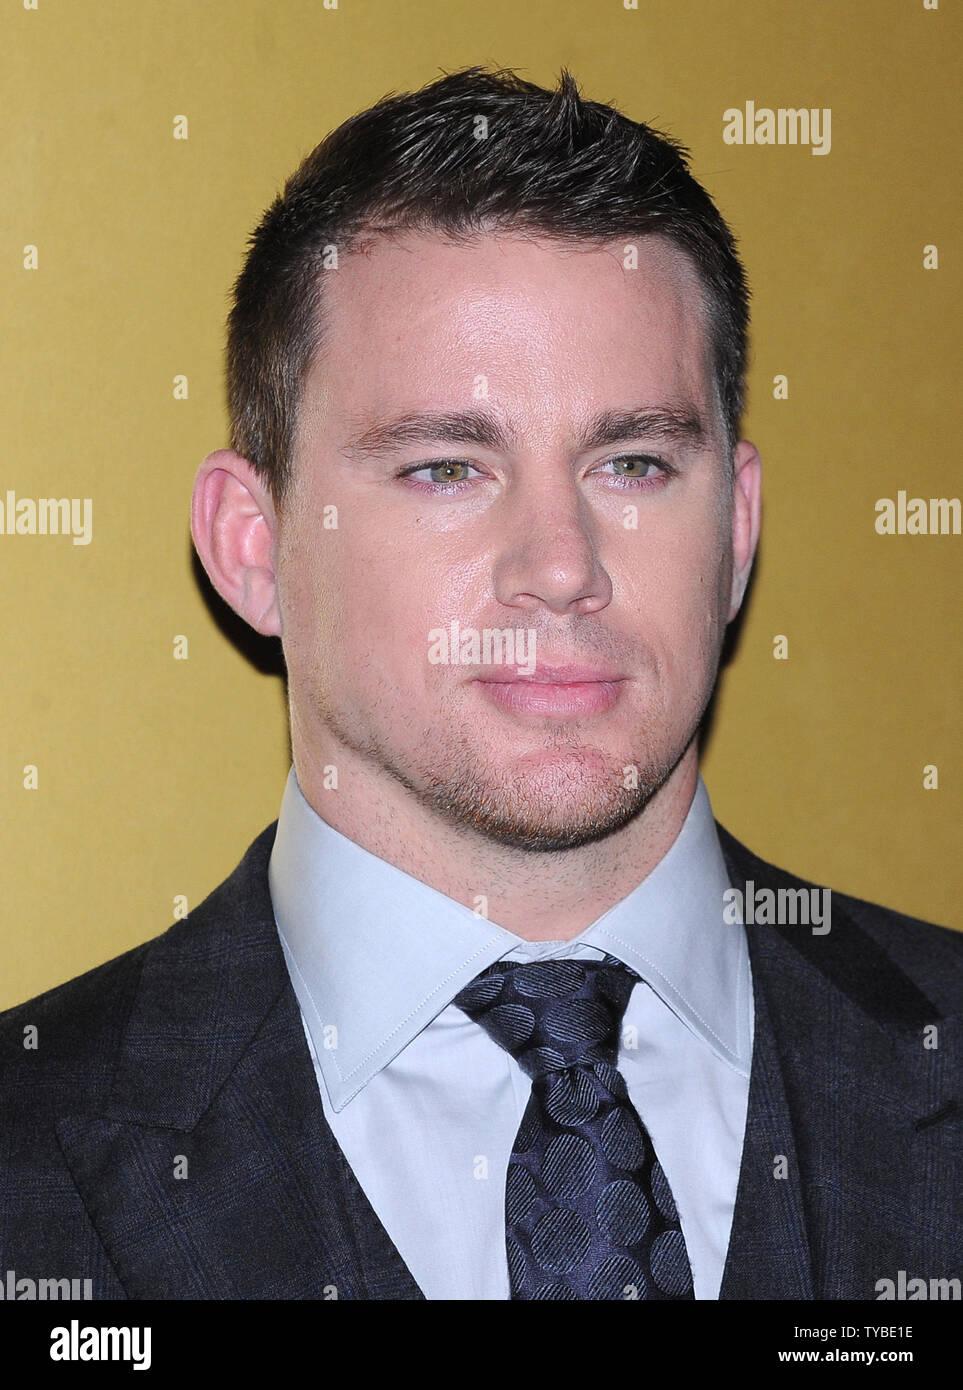 Amerikanischer Schauspieler Channing Tatum besucht die Europäische Premiere von 'Magic Mike'im Mayfair Hotel in London am 10. Juli 2012. UPI/Paul Treadway.. Stockbild